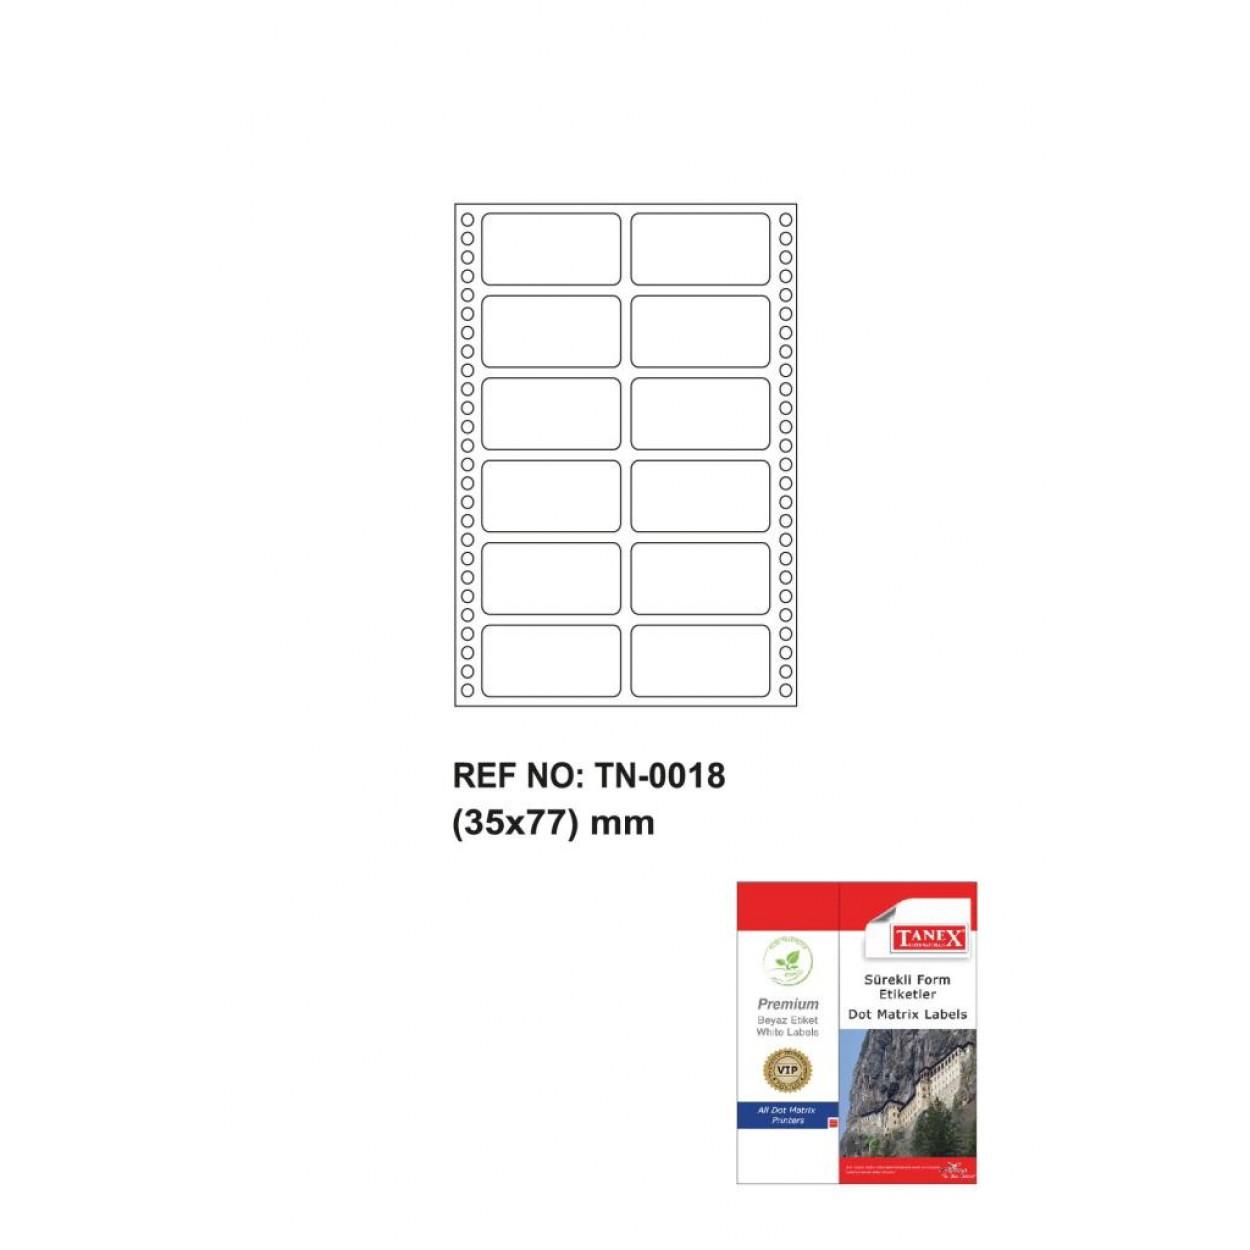 Tanex Tn-0018 Sürekli Form Etiketi 35x77mm